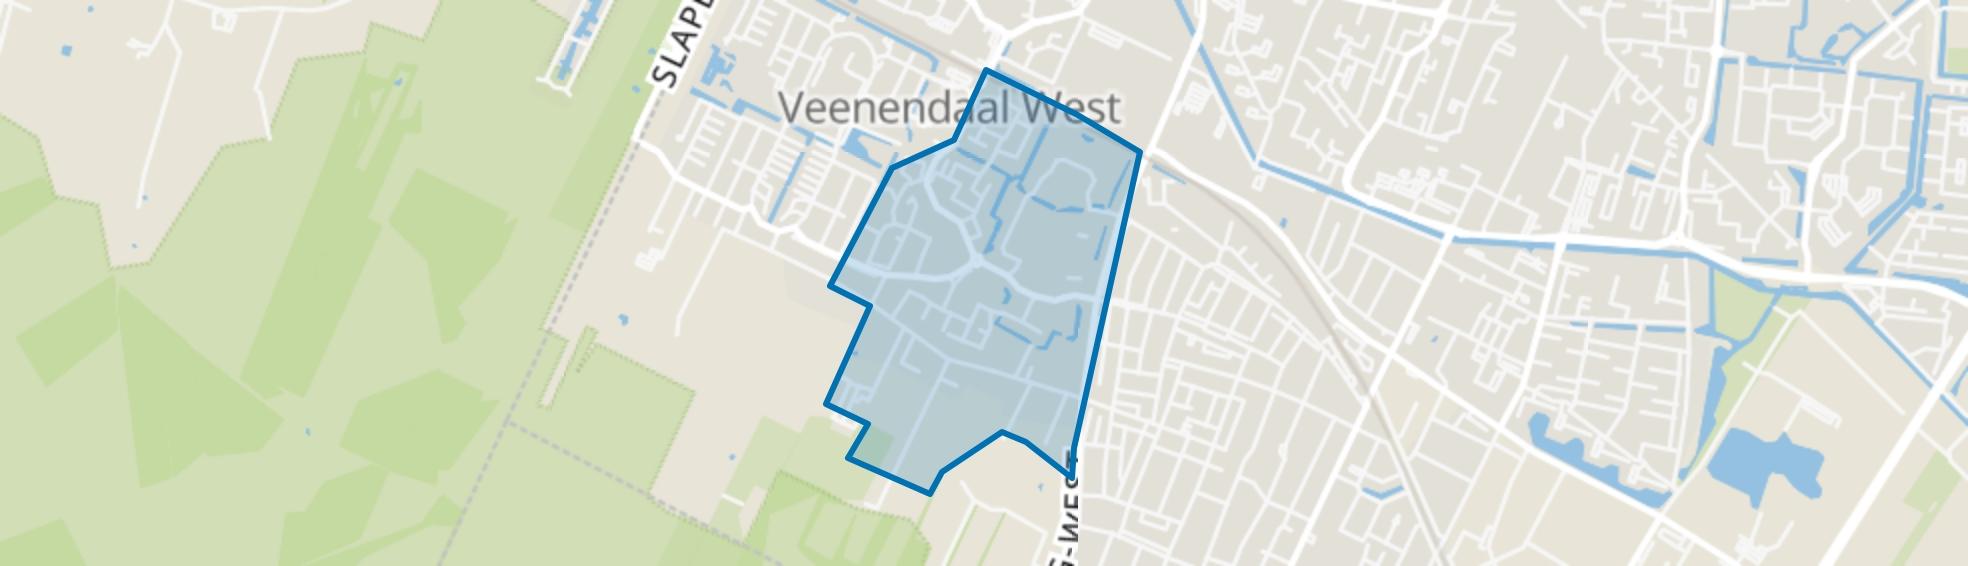 Schepenbuurt, Veenendaal map